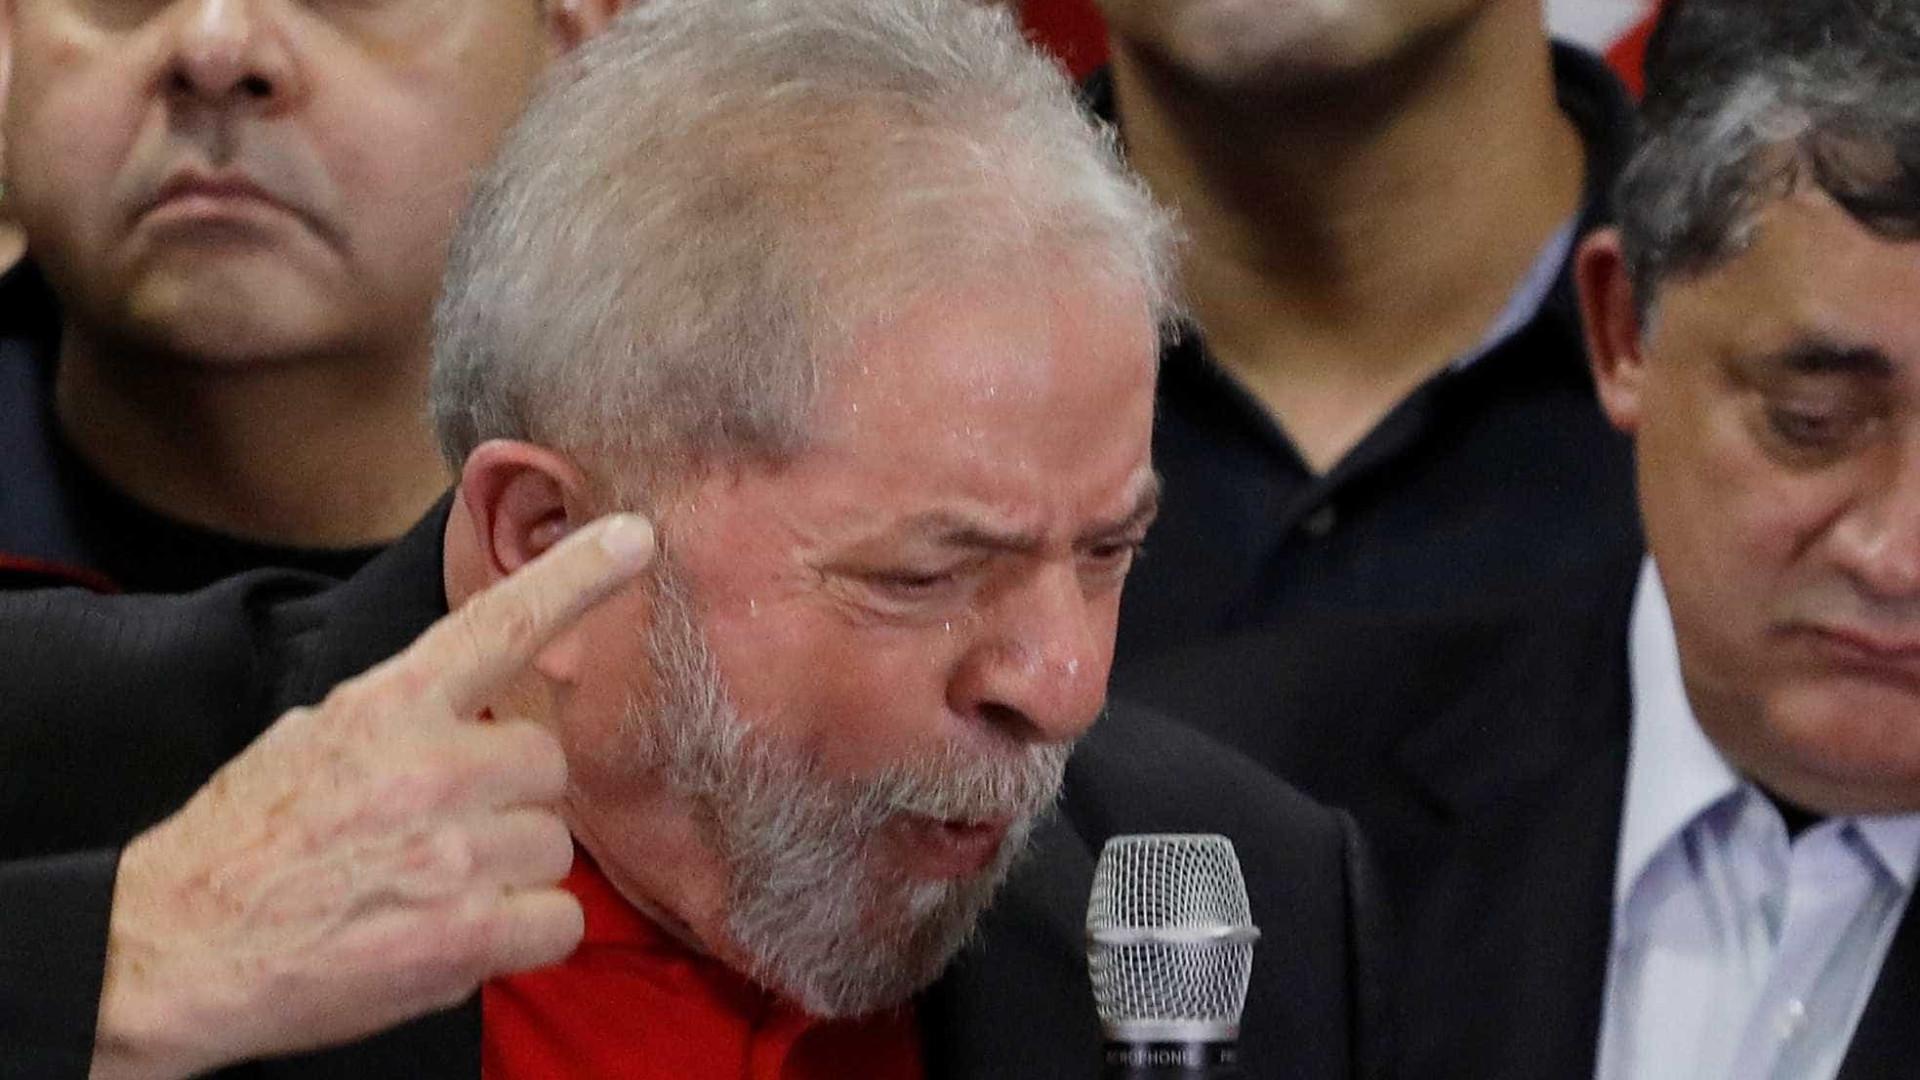 Justiça manda apreender passaporte e Lula fica proibido de sair do país